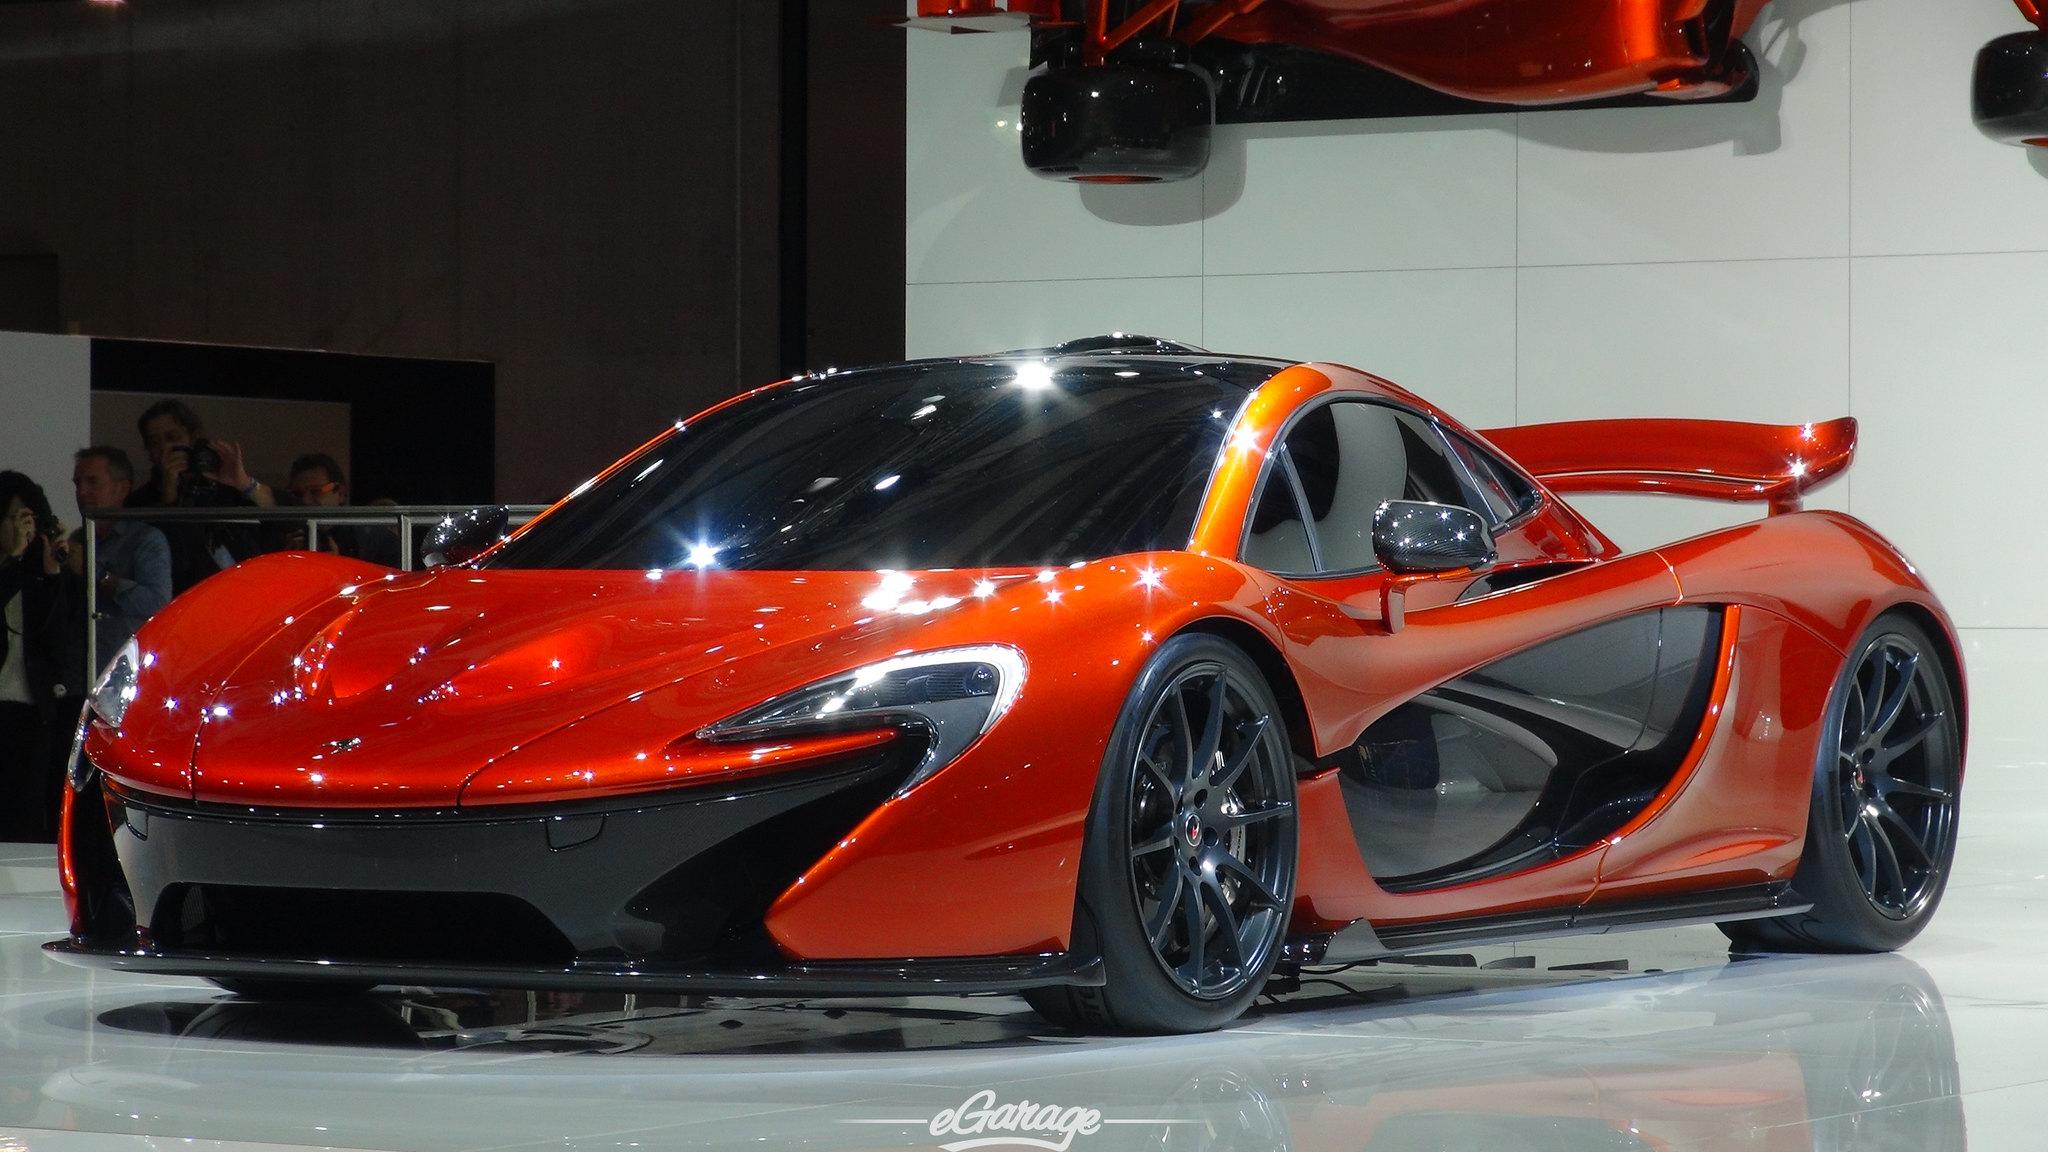 8030426667 6629c04331 k 2012 Paris Motor Show